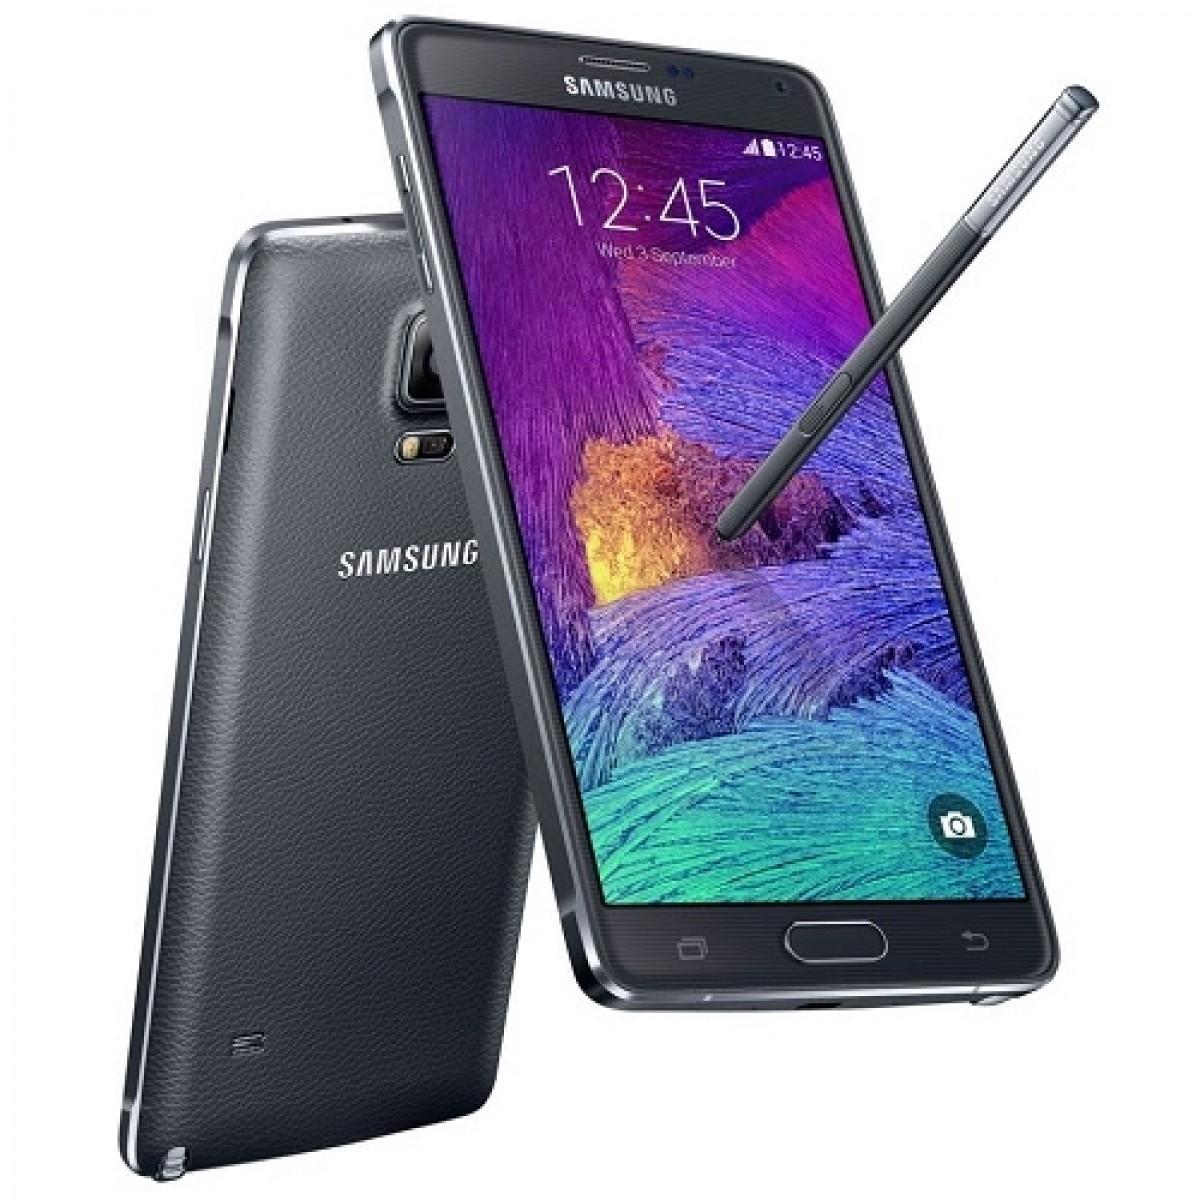 Samsung Galaxy Note 4 32 GB - negro - libre